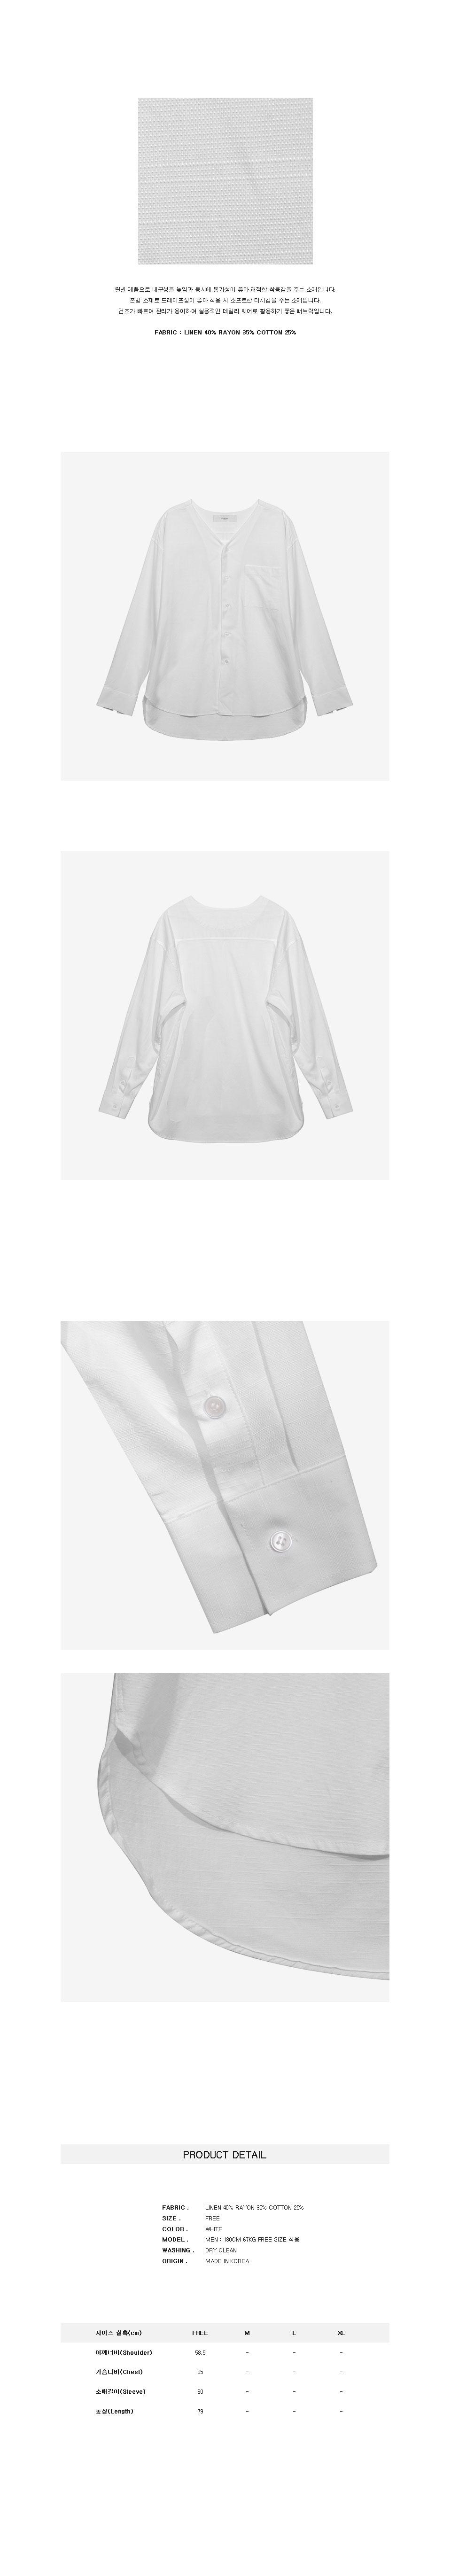 코우코우(COUCOU) 네츄럴 언발란스 셔츠_화이트